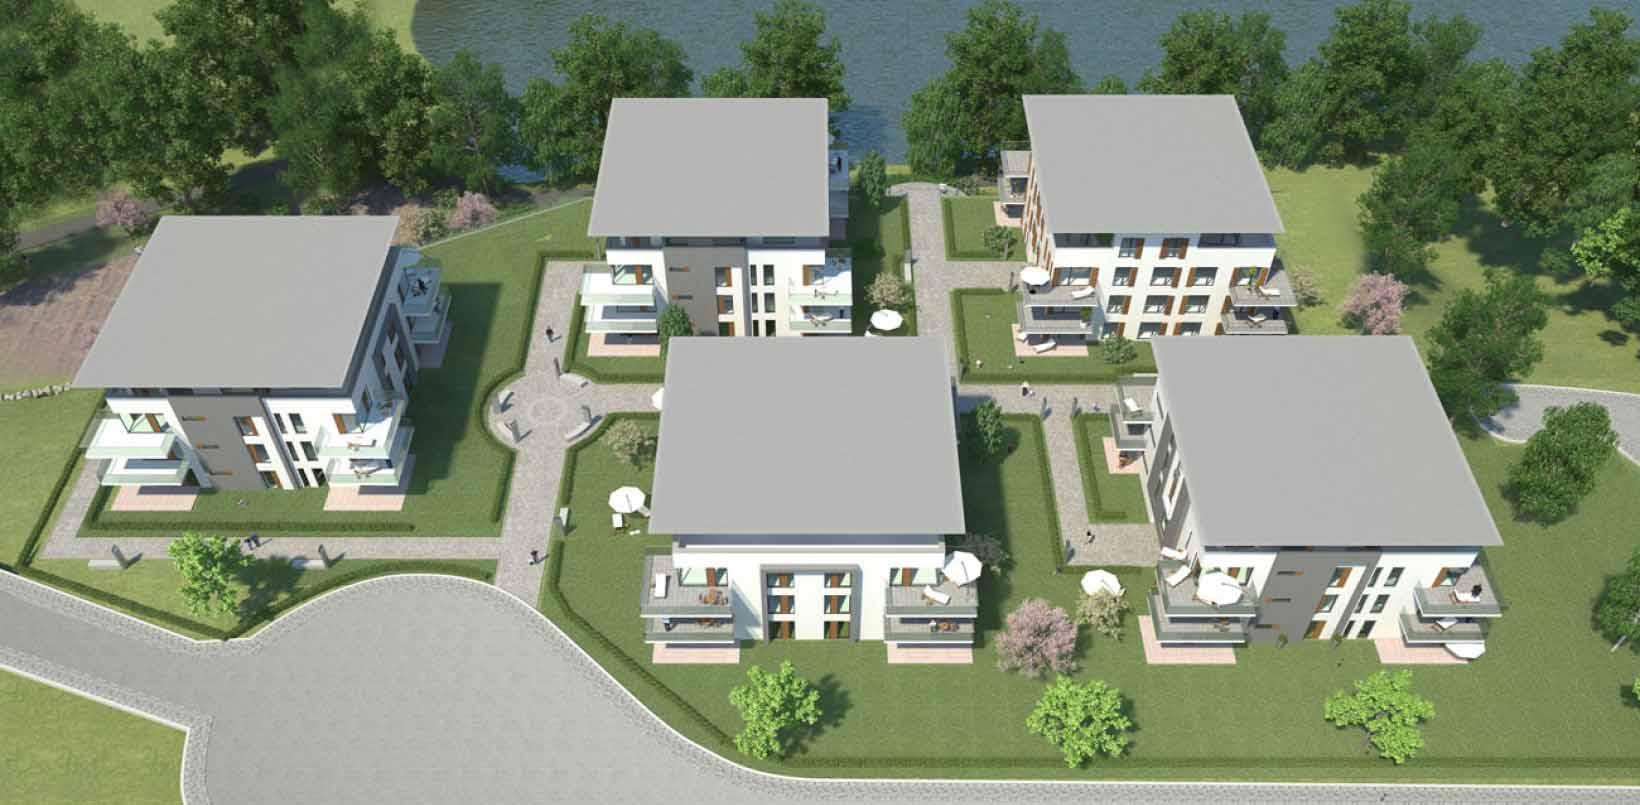 Singlewohnung saarbrucken Tolle Single-Wohnung in Merchweiler (Neubau / Erstbezug) Etagenwohnung Merchweiler (2HR9C4S)